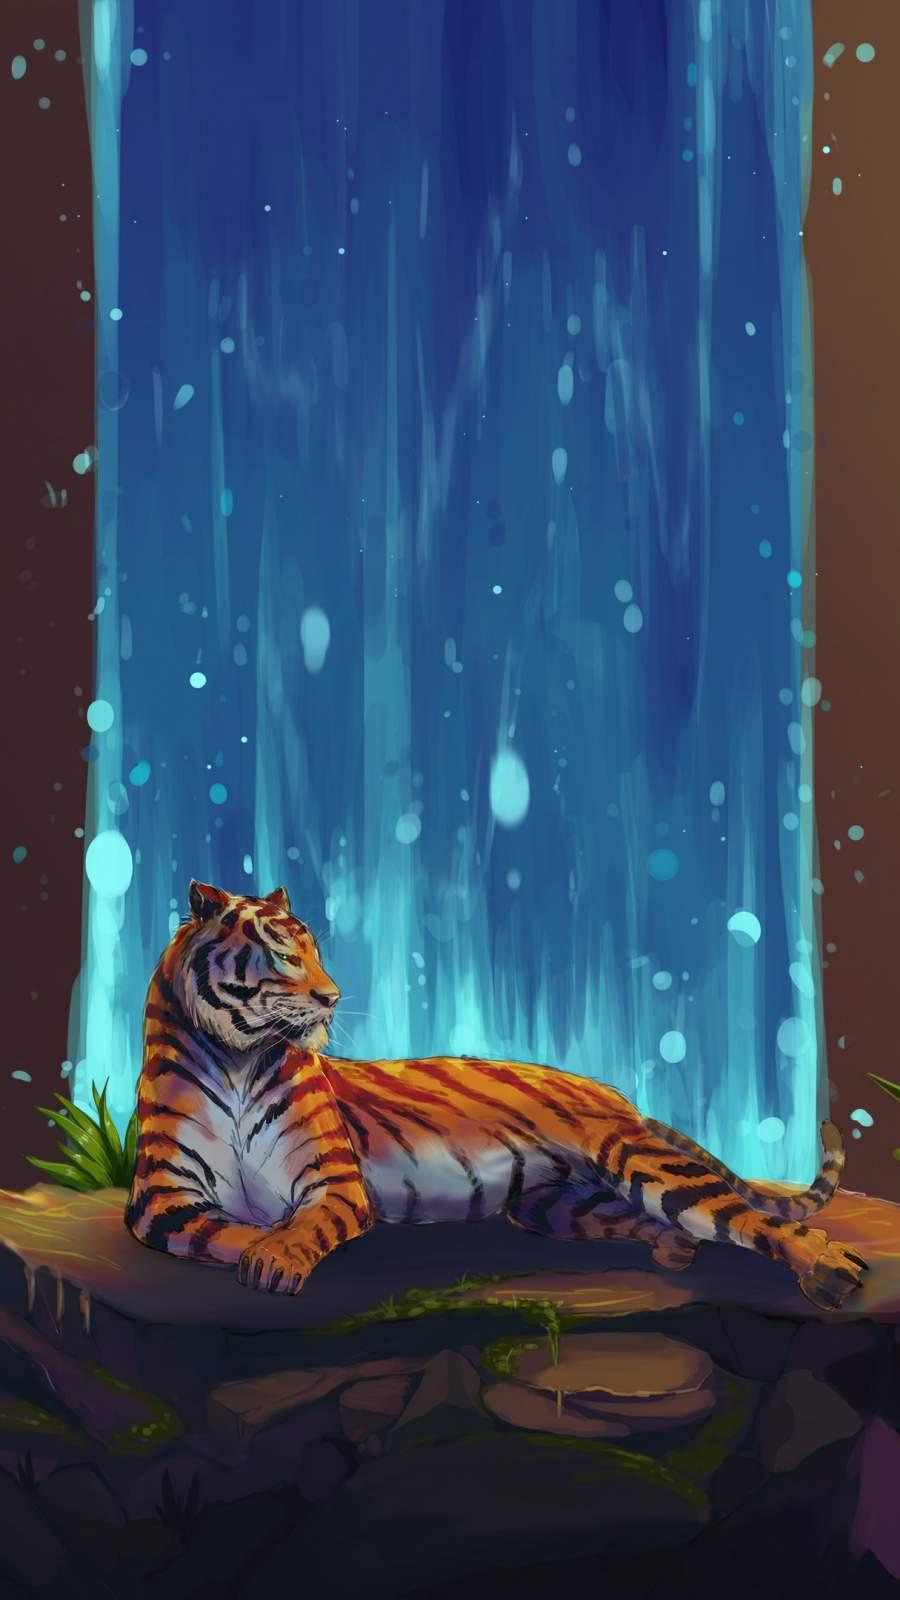 Tigerfall iPhone Wallpaper